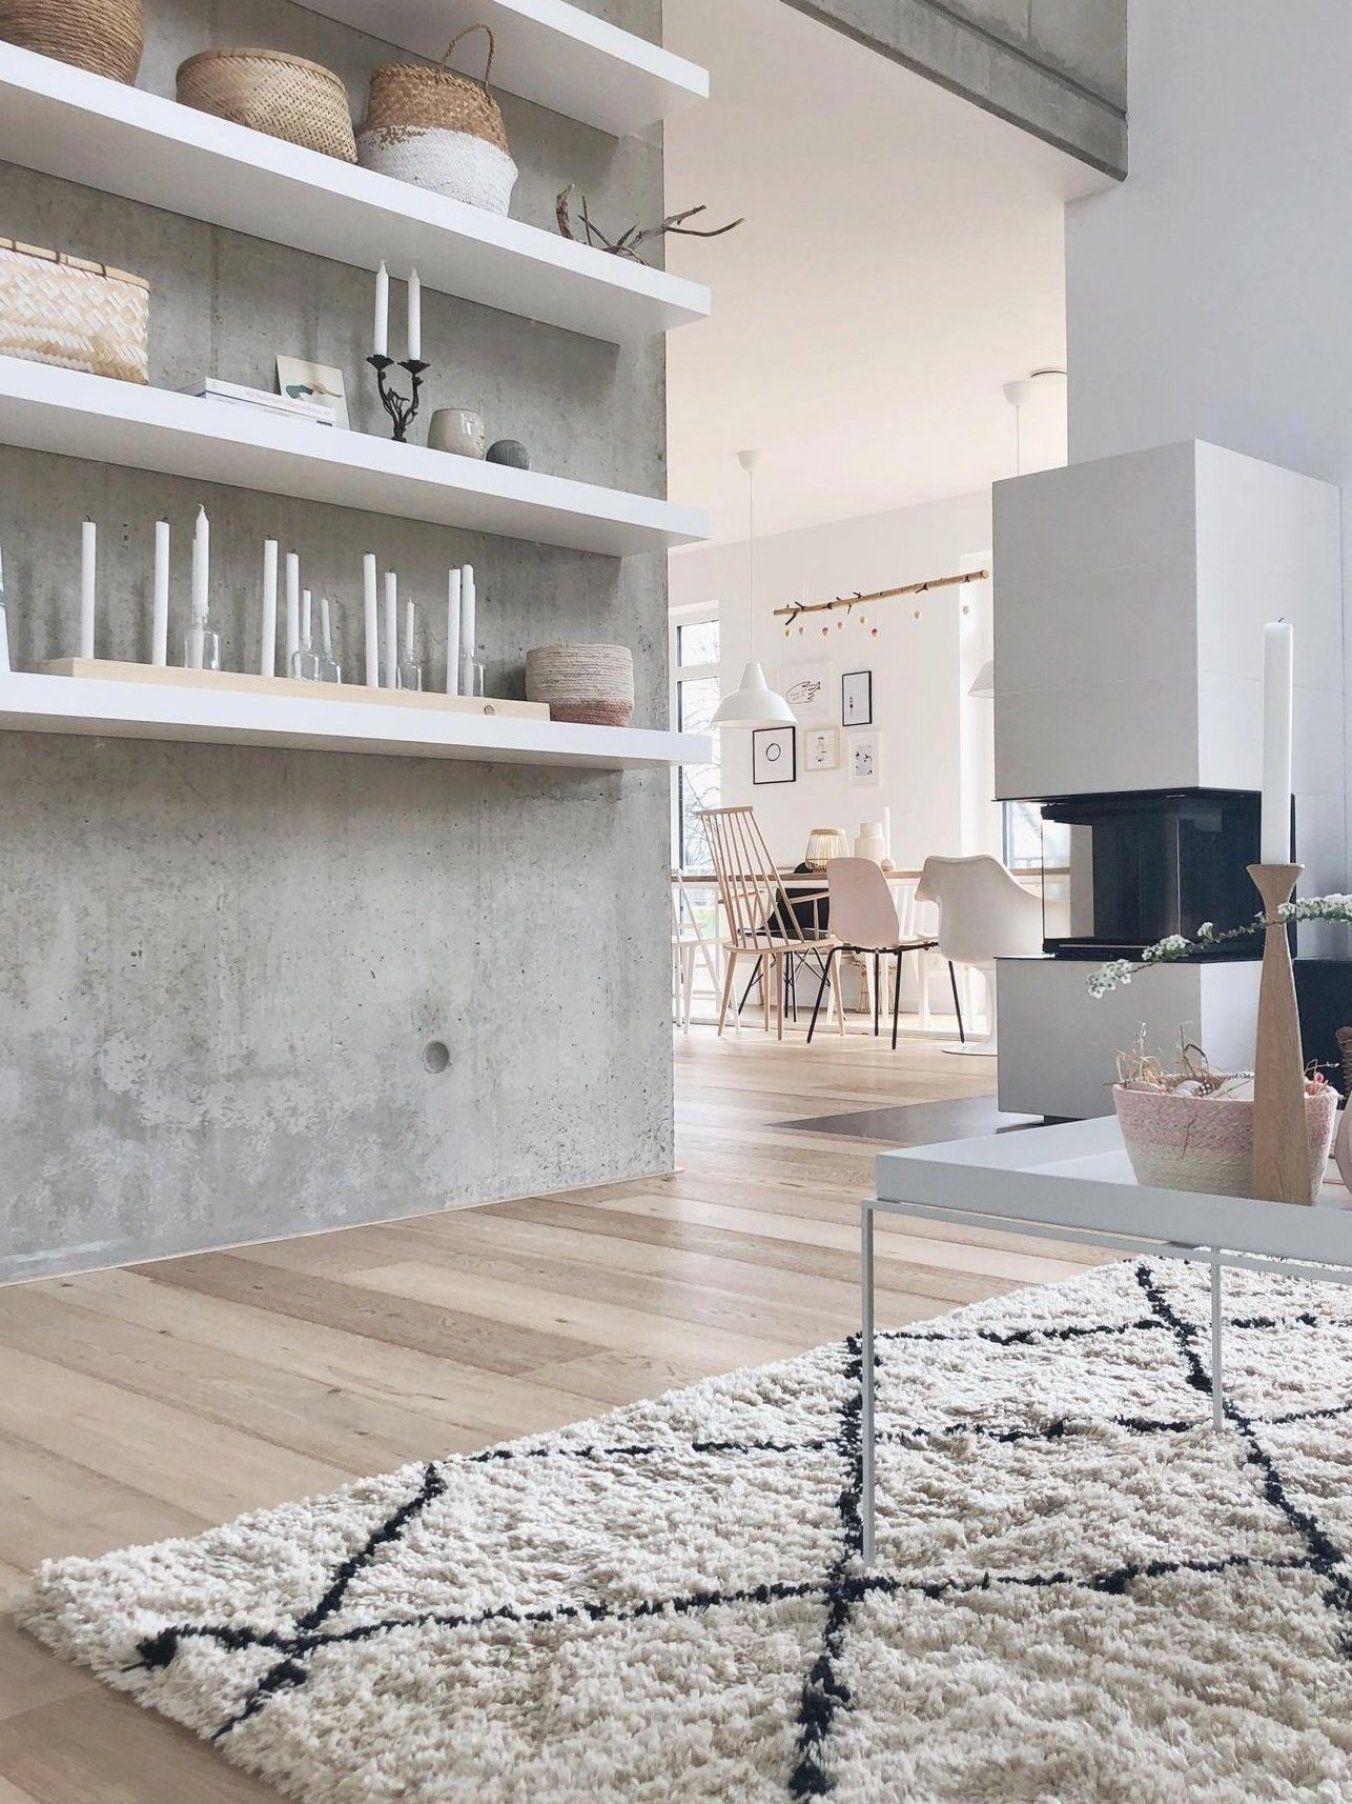 Sichtbeton im Wohnzimmer  #sichtbeton#livingroom#betonwand#esstisch#offeneswohnen#whitehome#minimalism